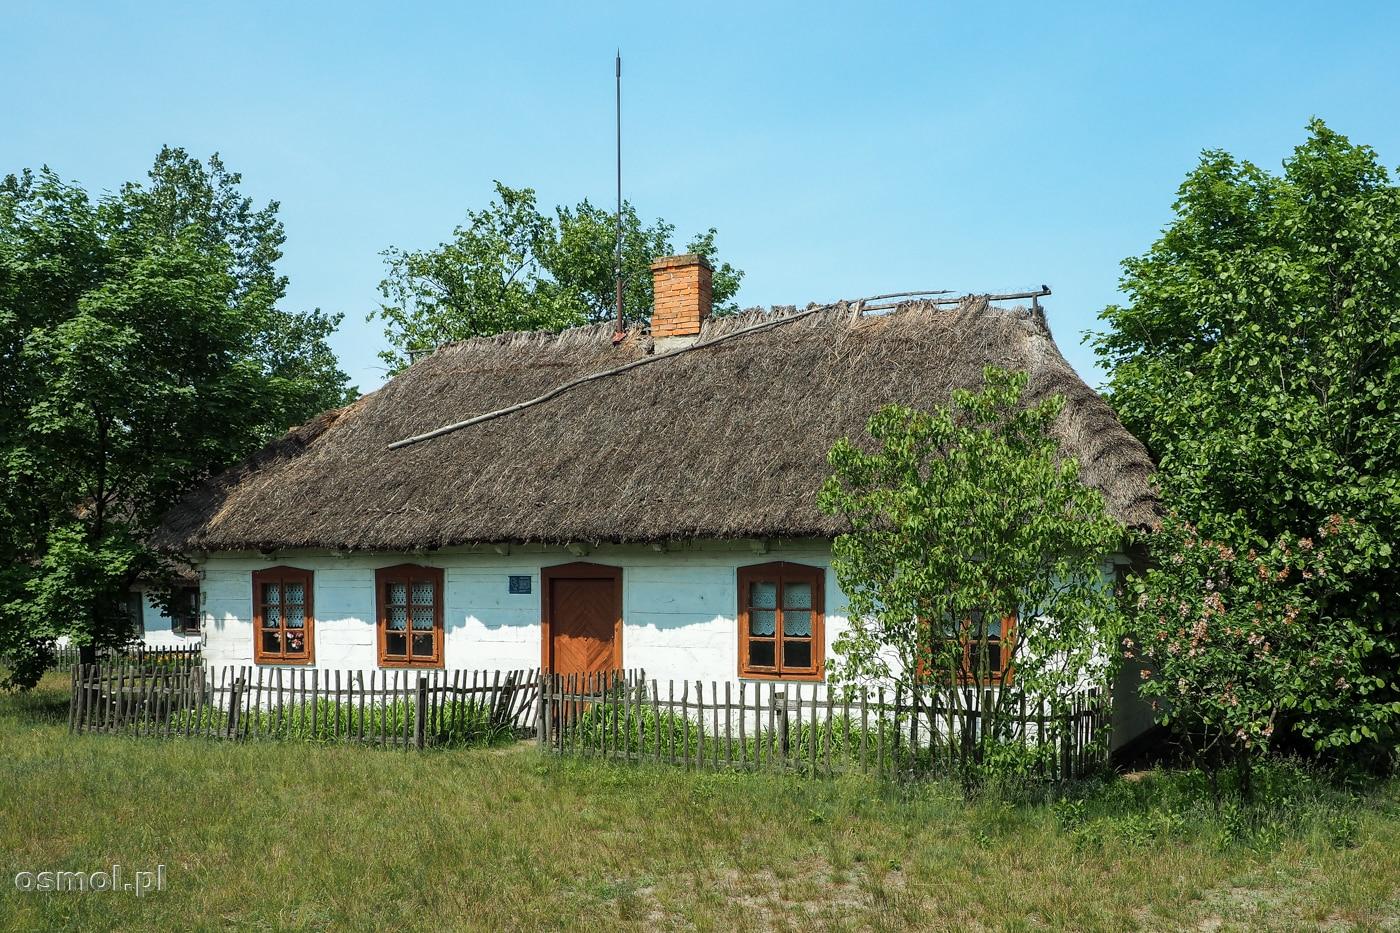 Domostwo w Skansenie wsi łowickiej w Maurzycach